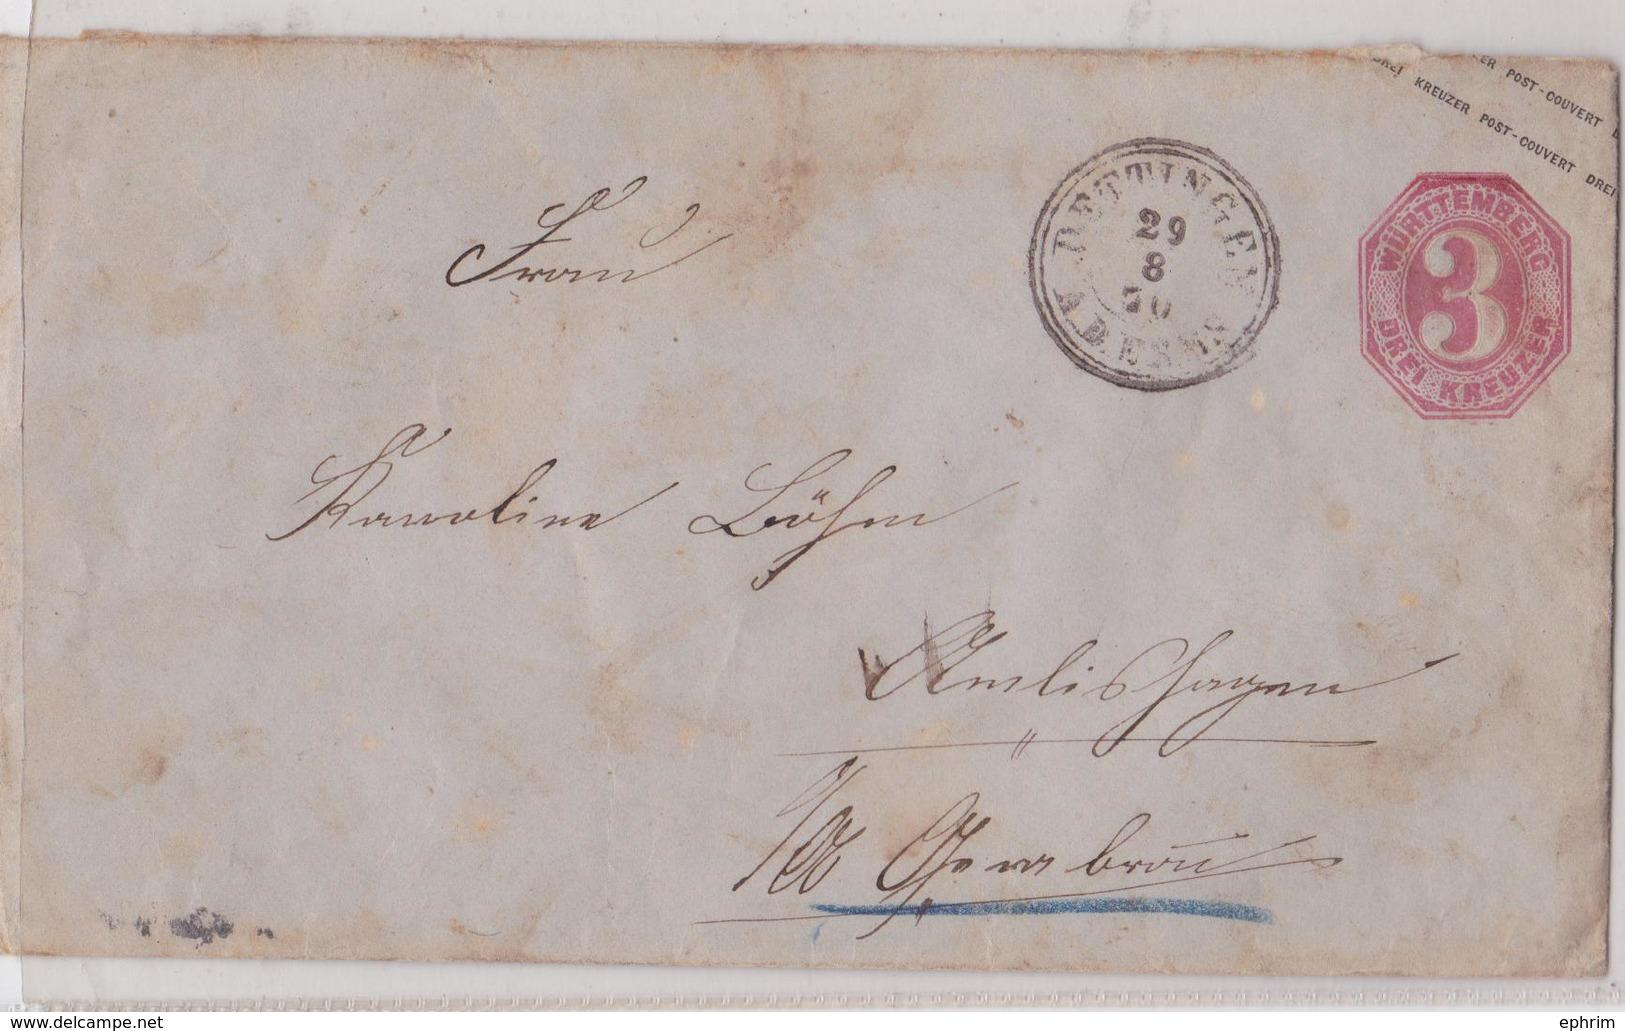 DETTINGEN WÜRTTEMBERG DREI KREUZER GANZSACHE BRIEF 29.08.1870 CRAISHEIM - Wurttemberg